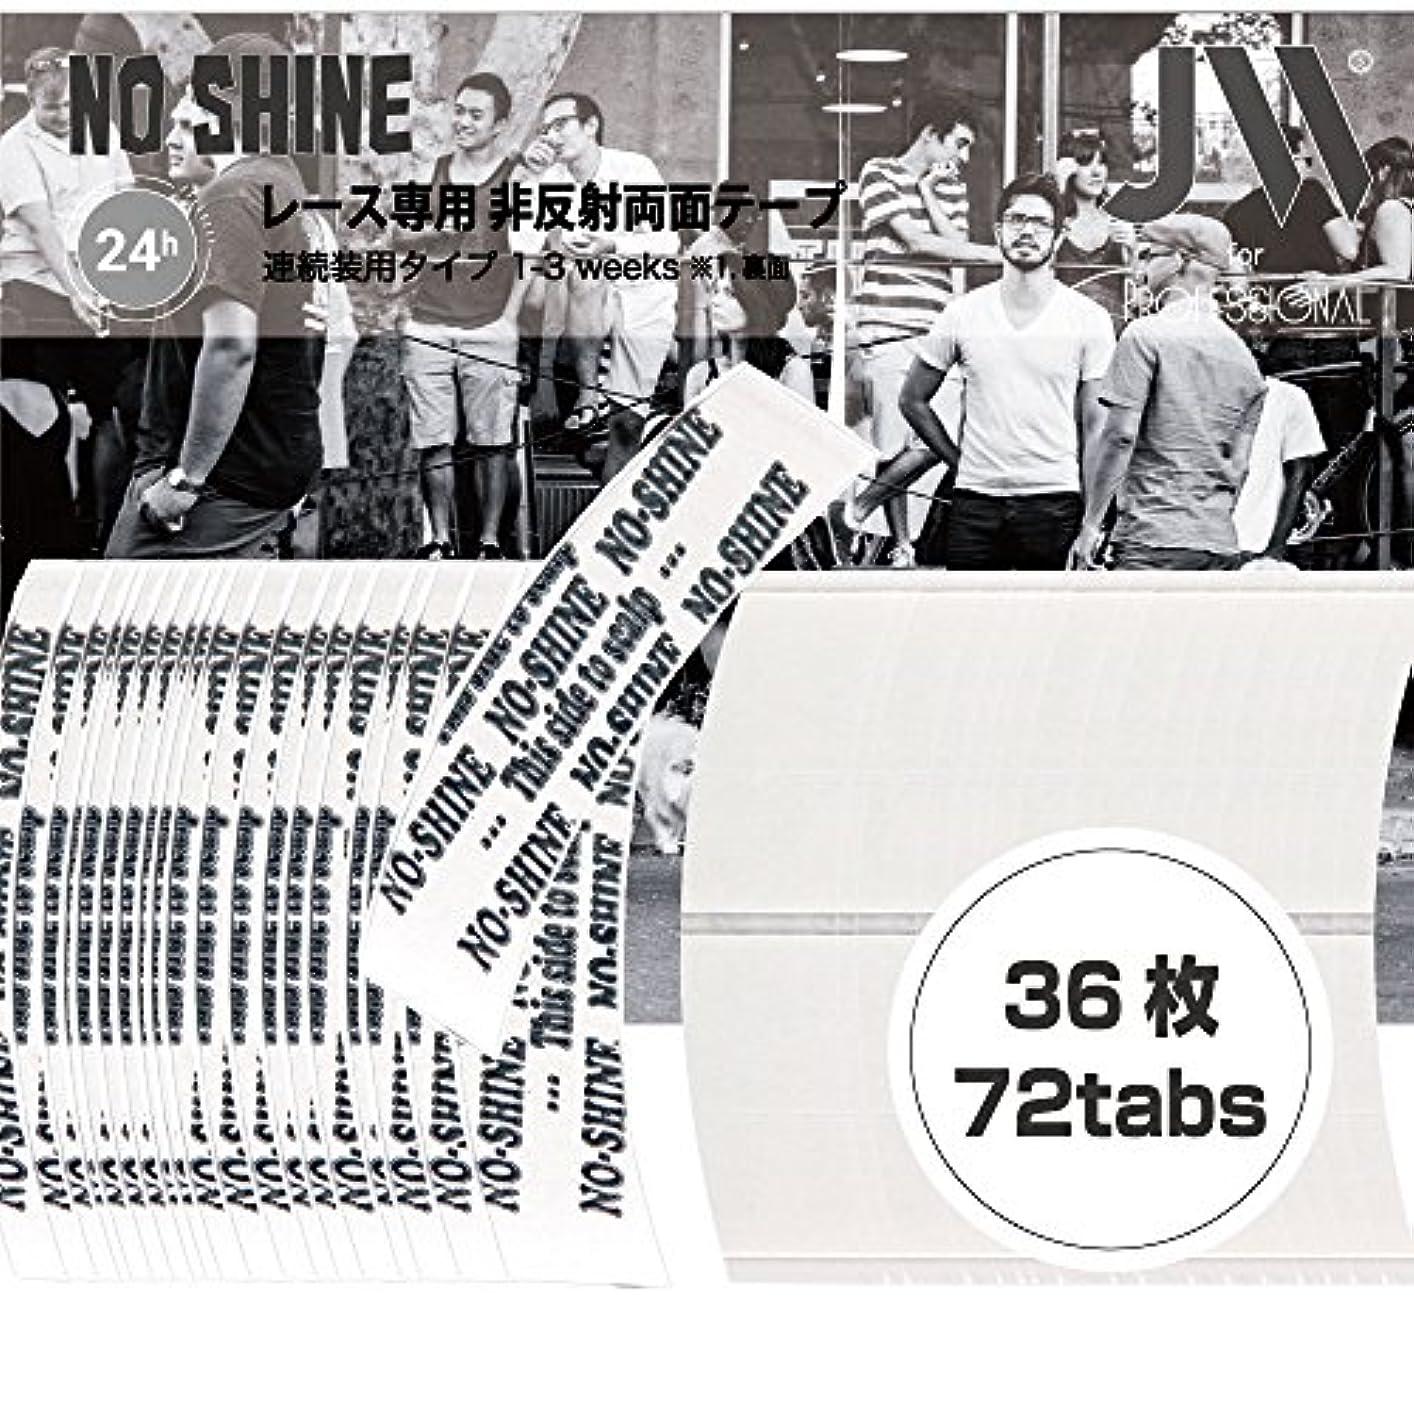 終わらせる引き潮める強力両面テープ:No Shine TAPE1袋36枚入り(小分け72枚)テープ形状:アジアカーブ …